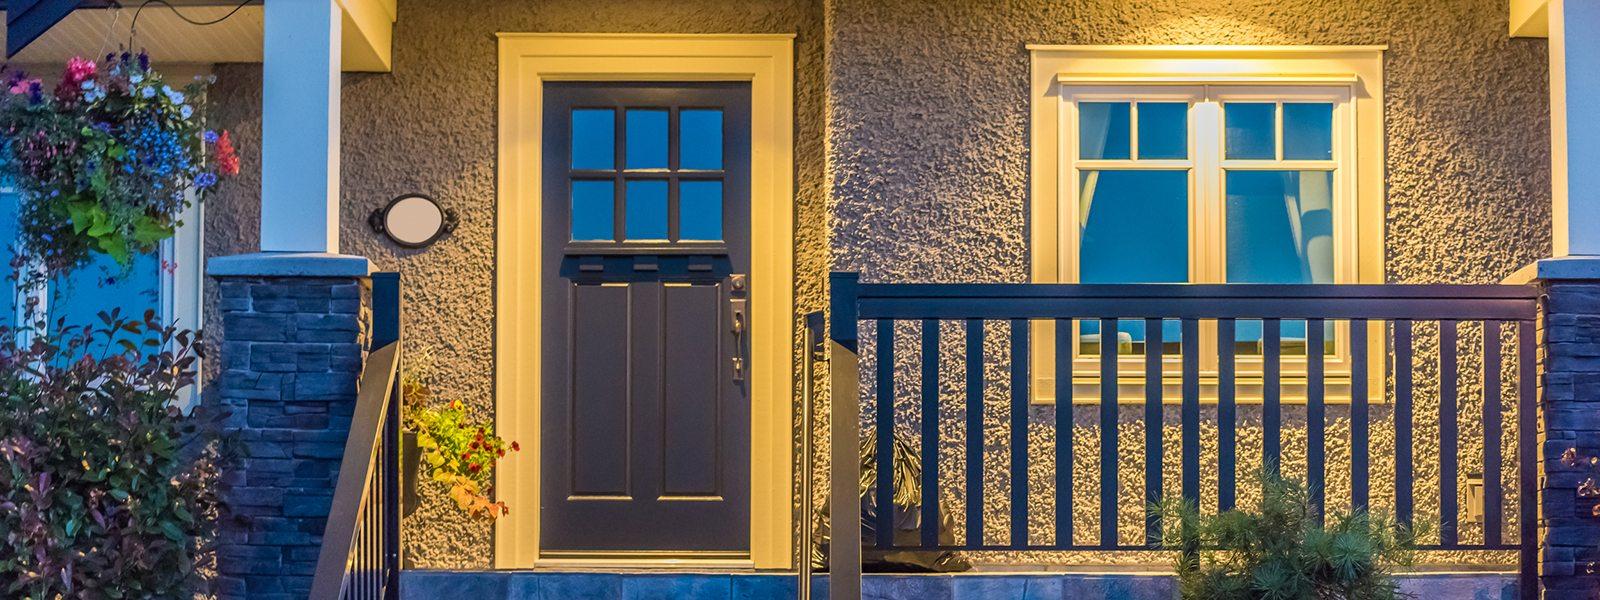 porch-house-shutterstock_477112234-1600x600